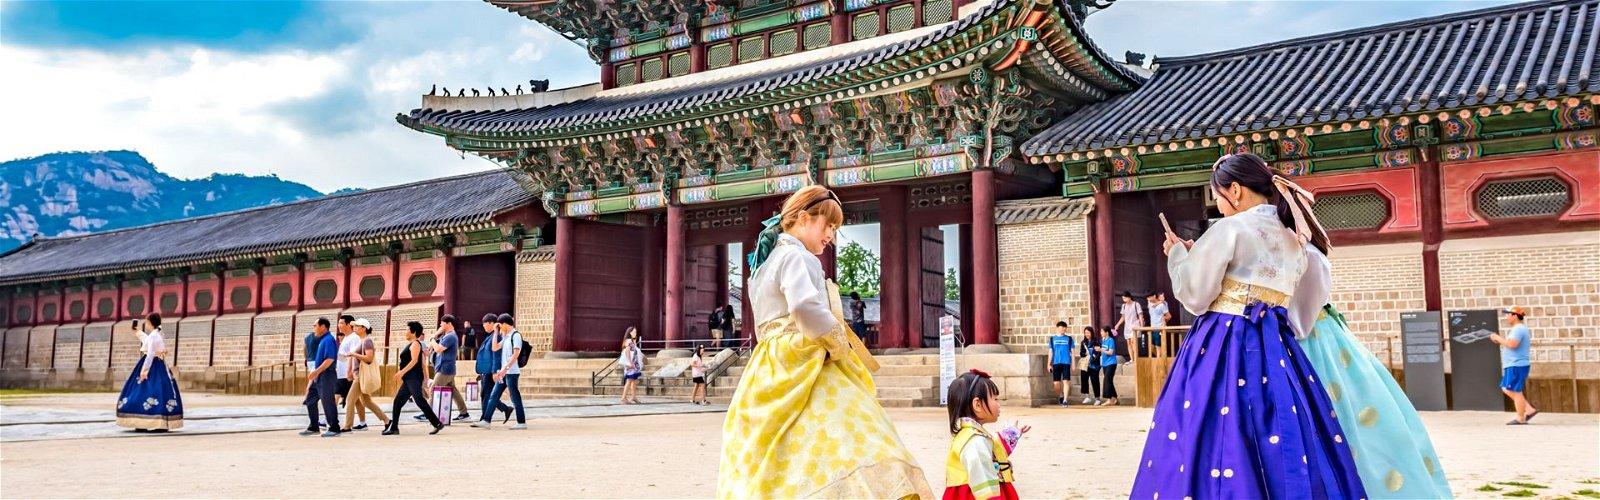 ทัวร์เกาหลี เดือนพฤษภาคม